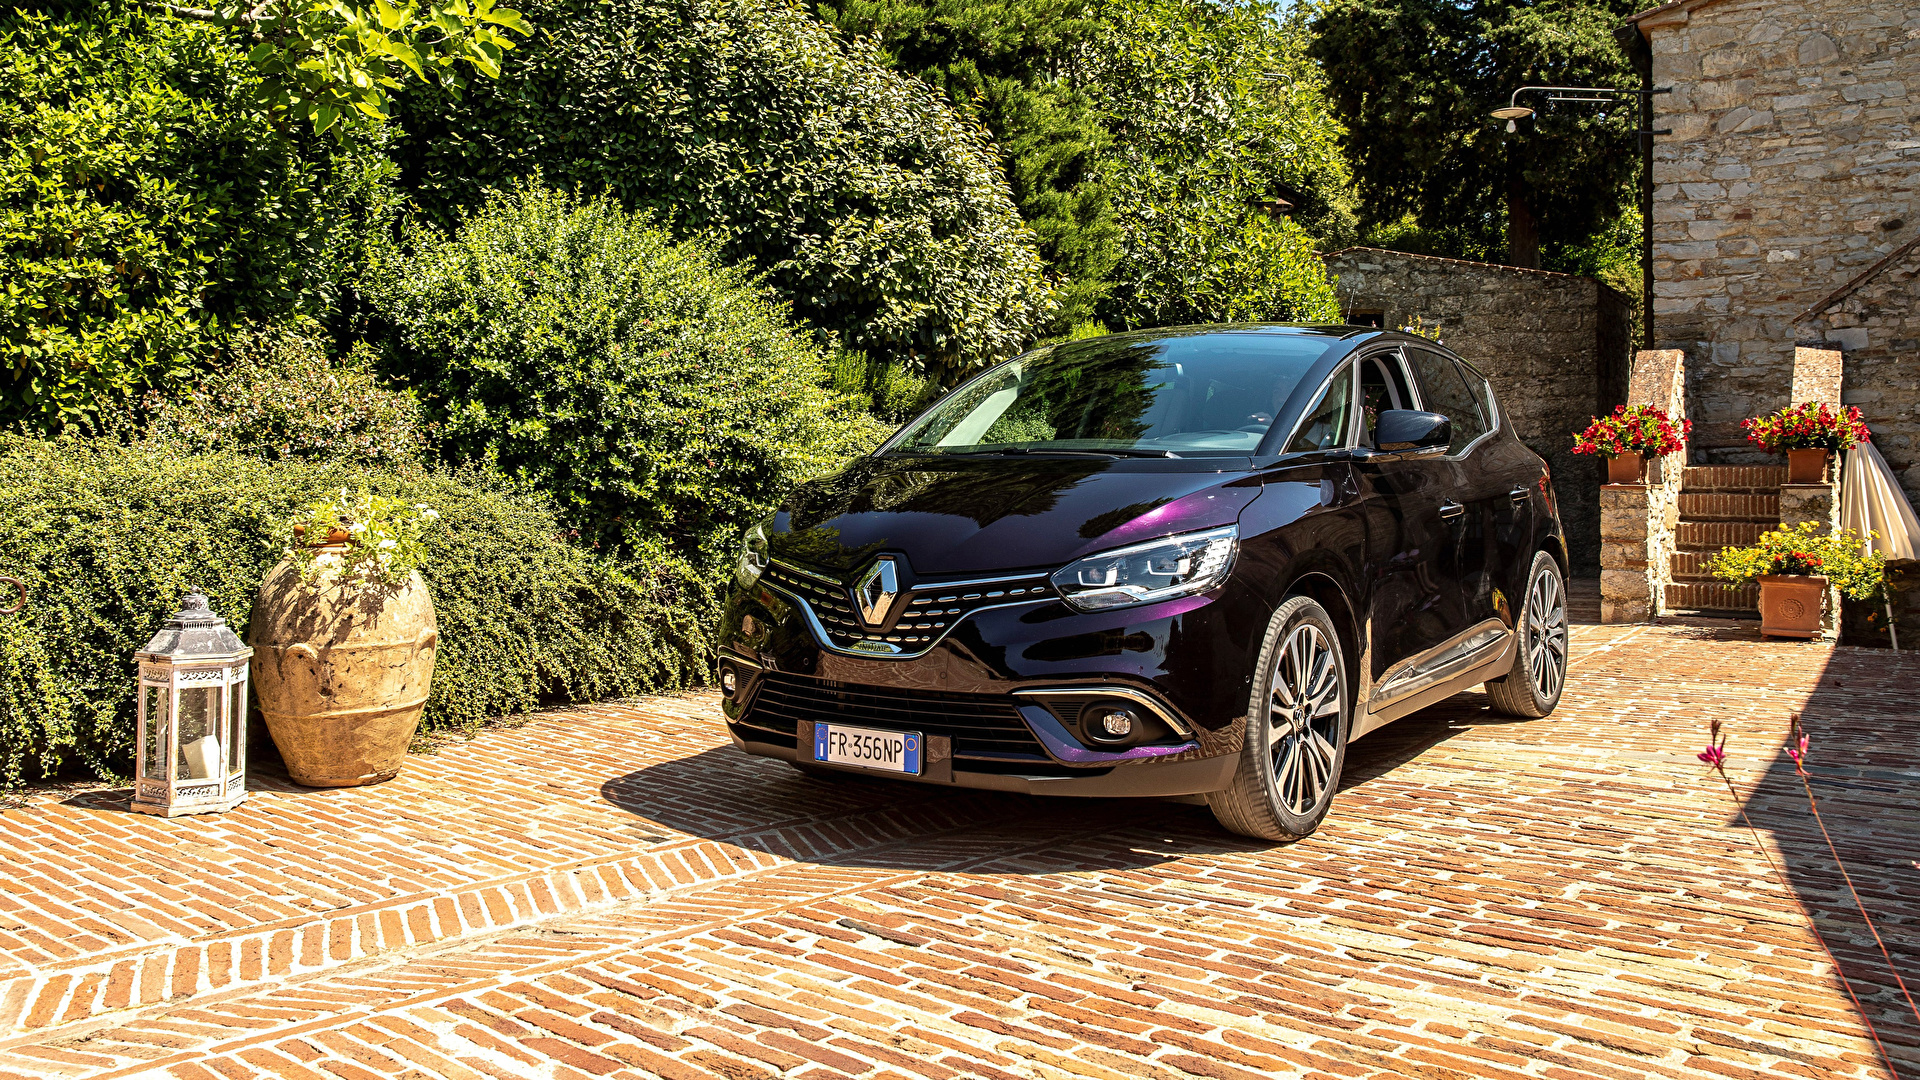 Фотография Renault 2017-19 Scenic Initiale Paris Worldwide бордовая Металлик Автомобили 1920x1080 Рено Бордовый бордовые темно красный Авто Машины